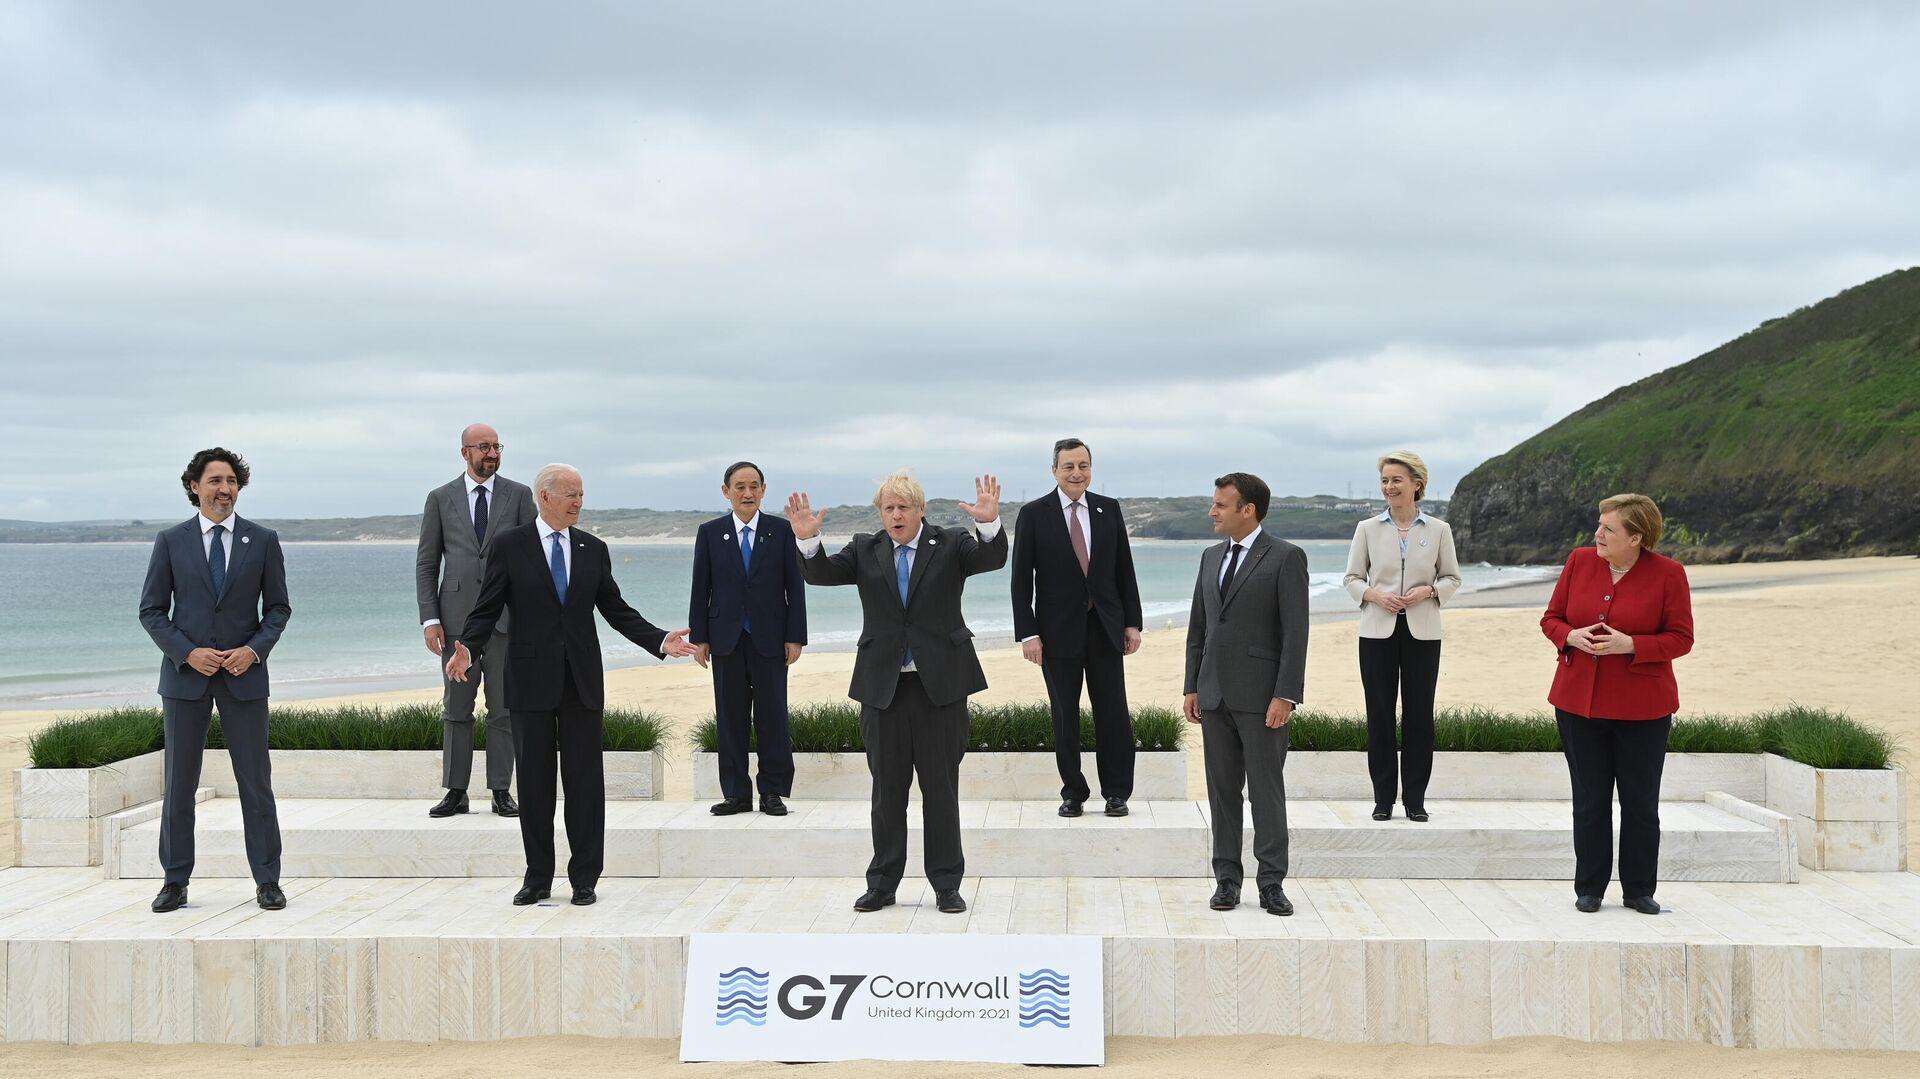 Foto di gruppo dei leader al G7  - Sputnik Italia, 1920, 12.06.2021